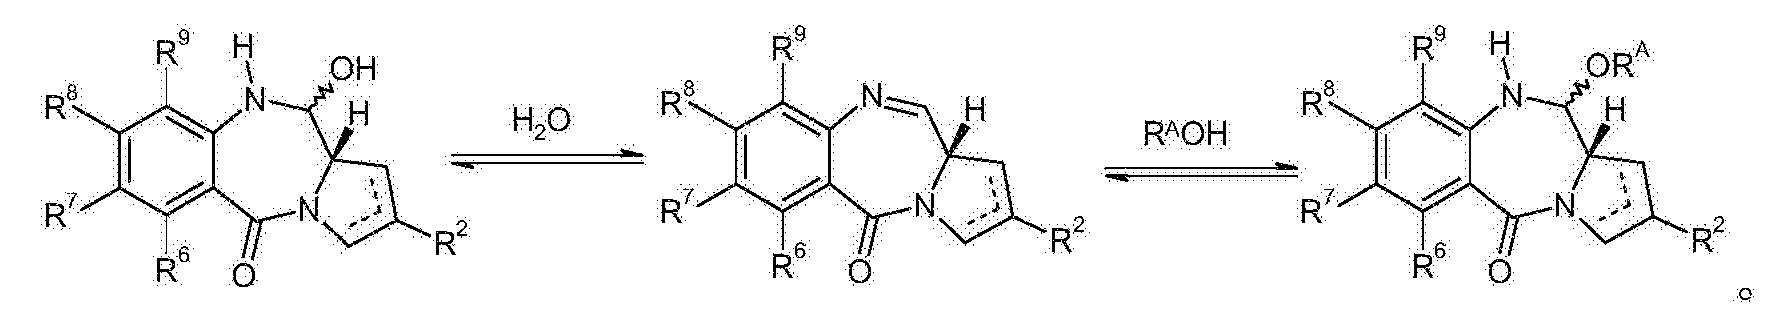 Figure CN105050661BD00551